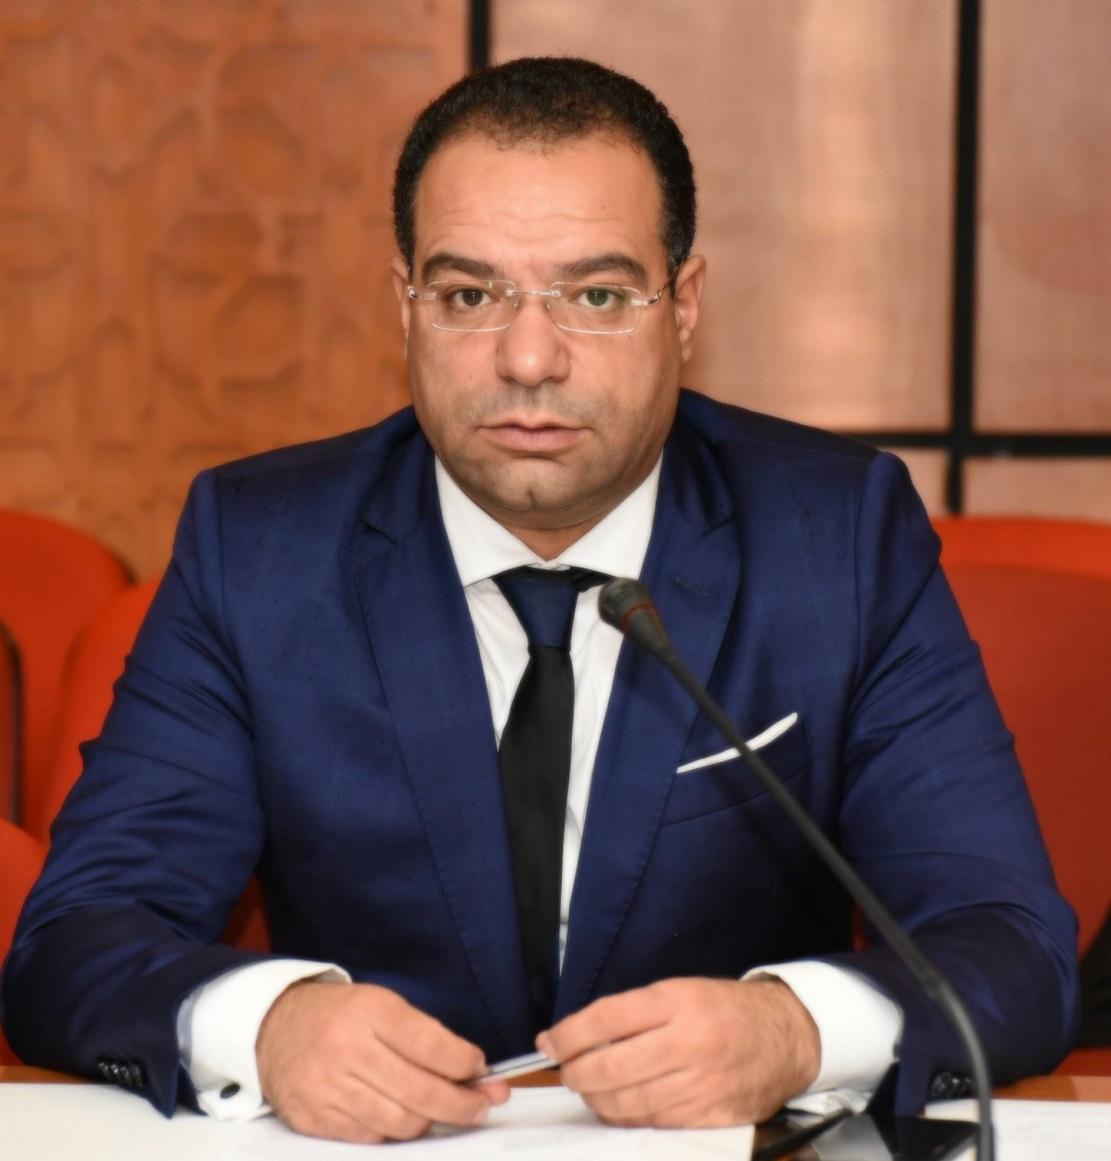 الاخ ياسين دغو: الدعوة للإسراع في تنزيل المشاريع المخصصة لمدينة جرادة لانقاذ الساكنة من الركود الاقتصادي